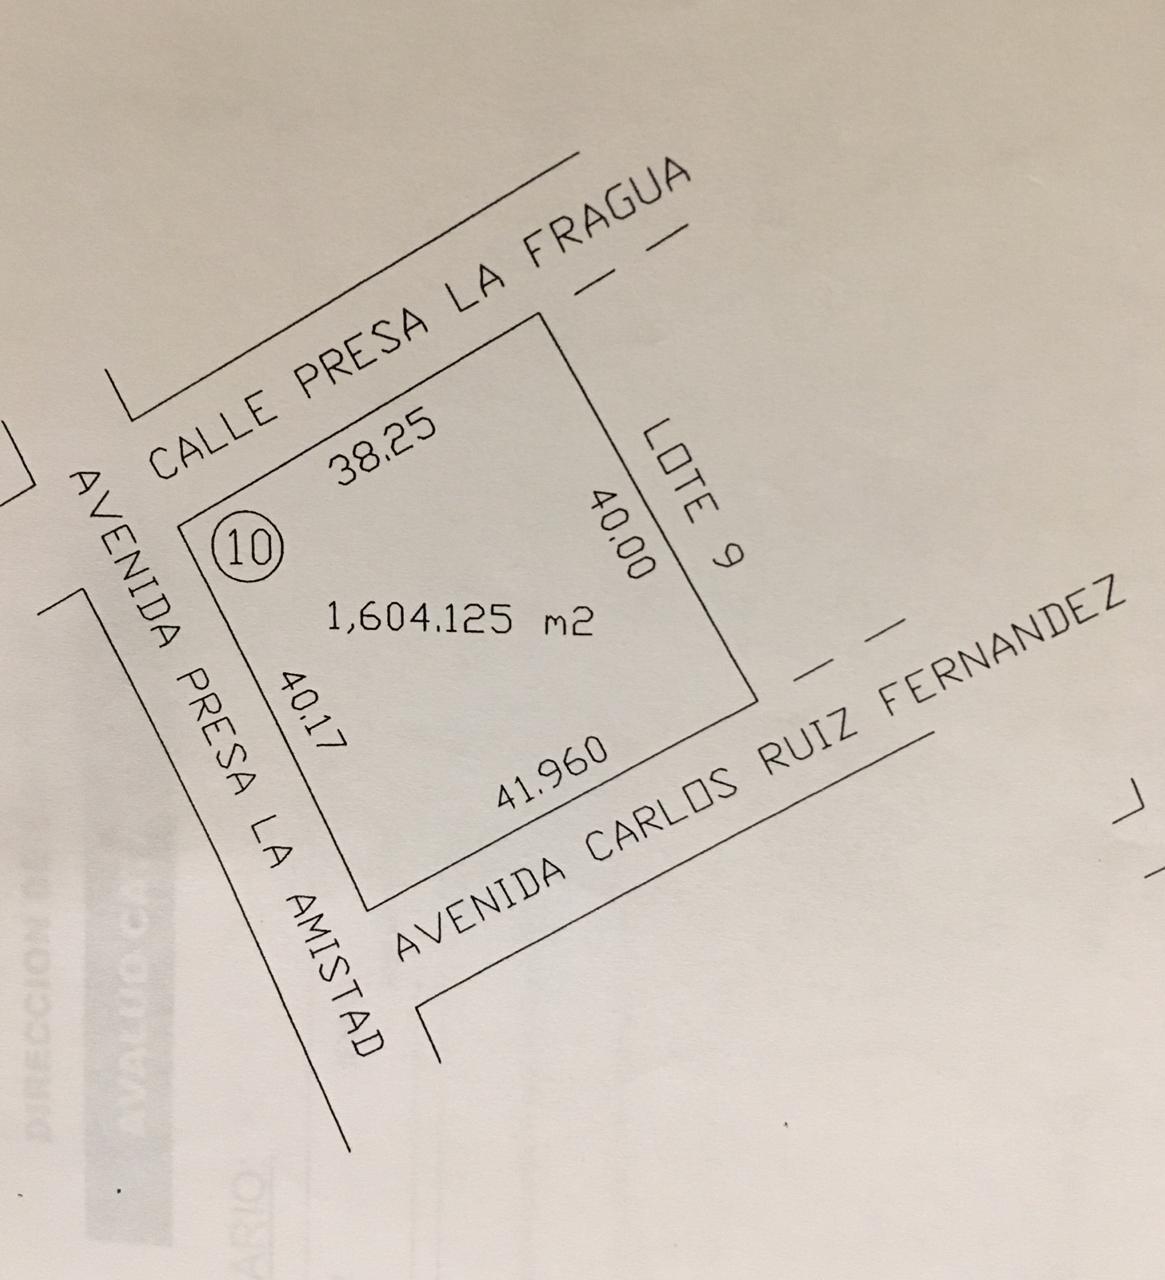 VENTA TERRENO Urbano o para Quinta, Fraccionamiento Campestre San Carlos (VT# 219/19)